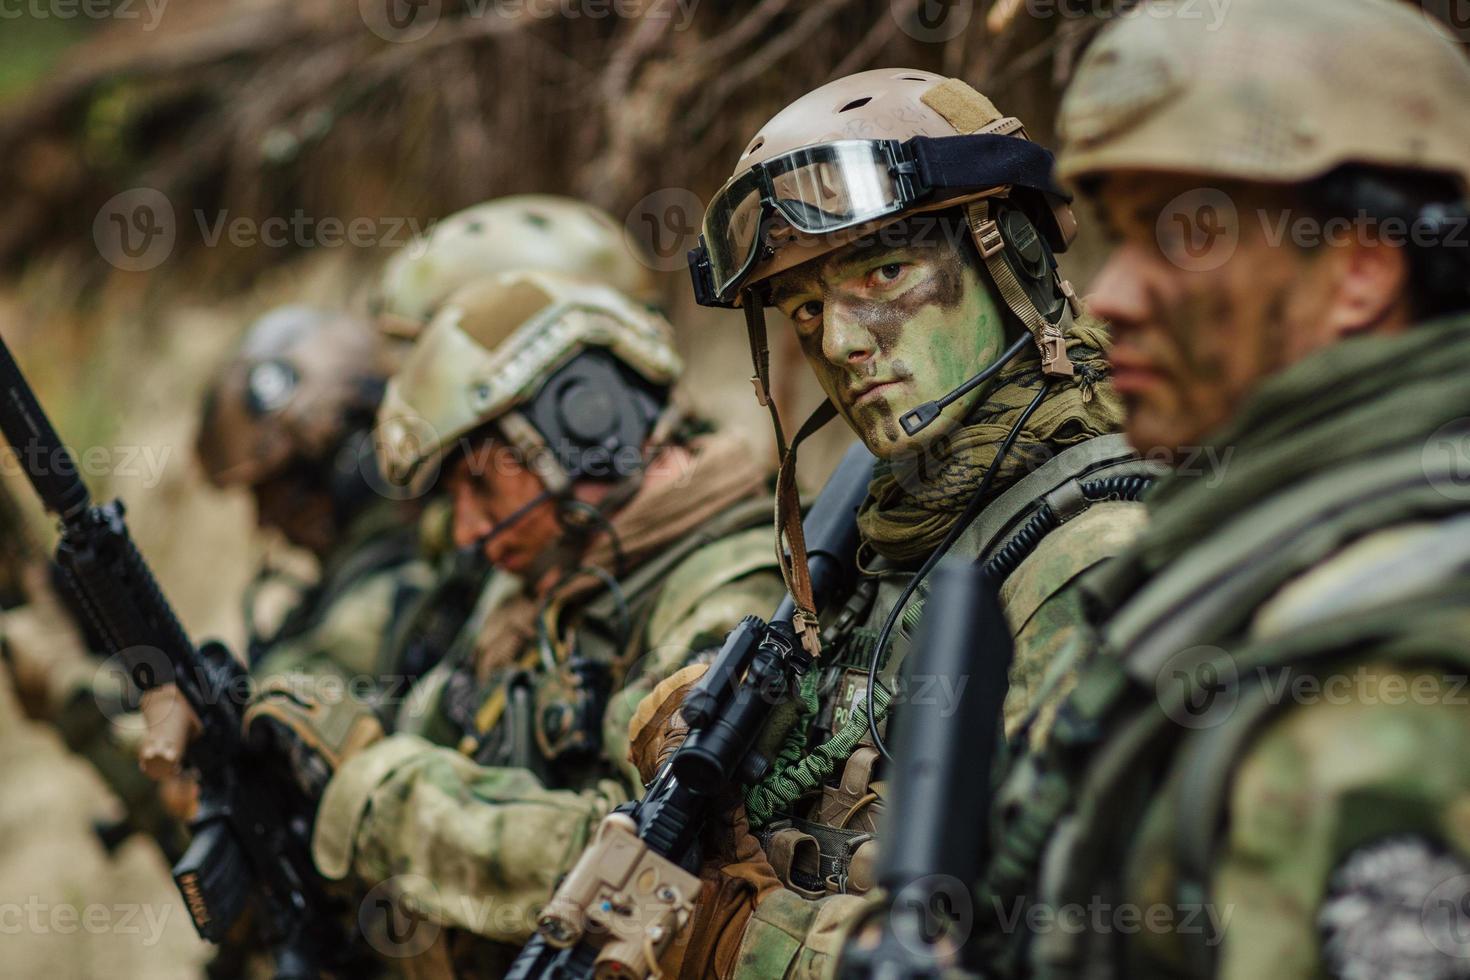 soldat vise son arme en vue photo